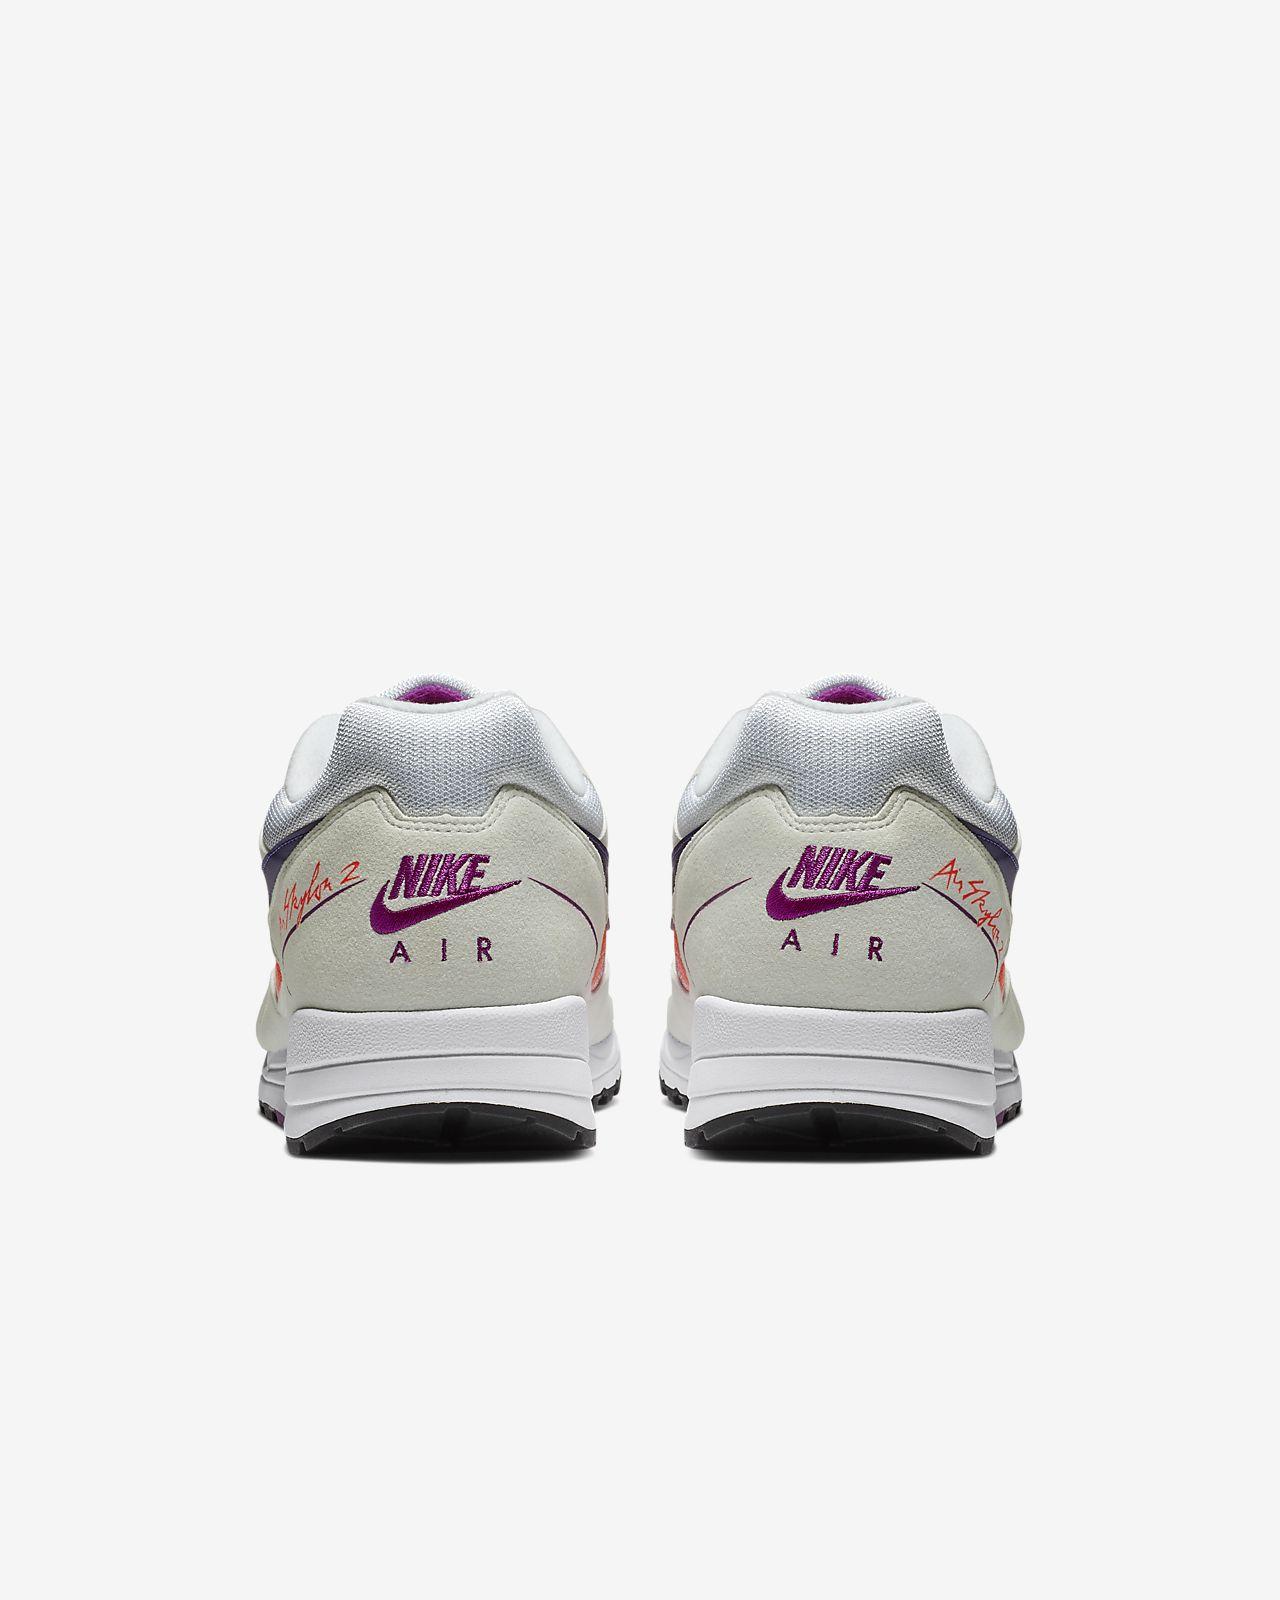 sale retailer 2a7df 3006f ... Calzado para hombre Nike Air Skylon II